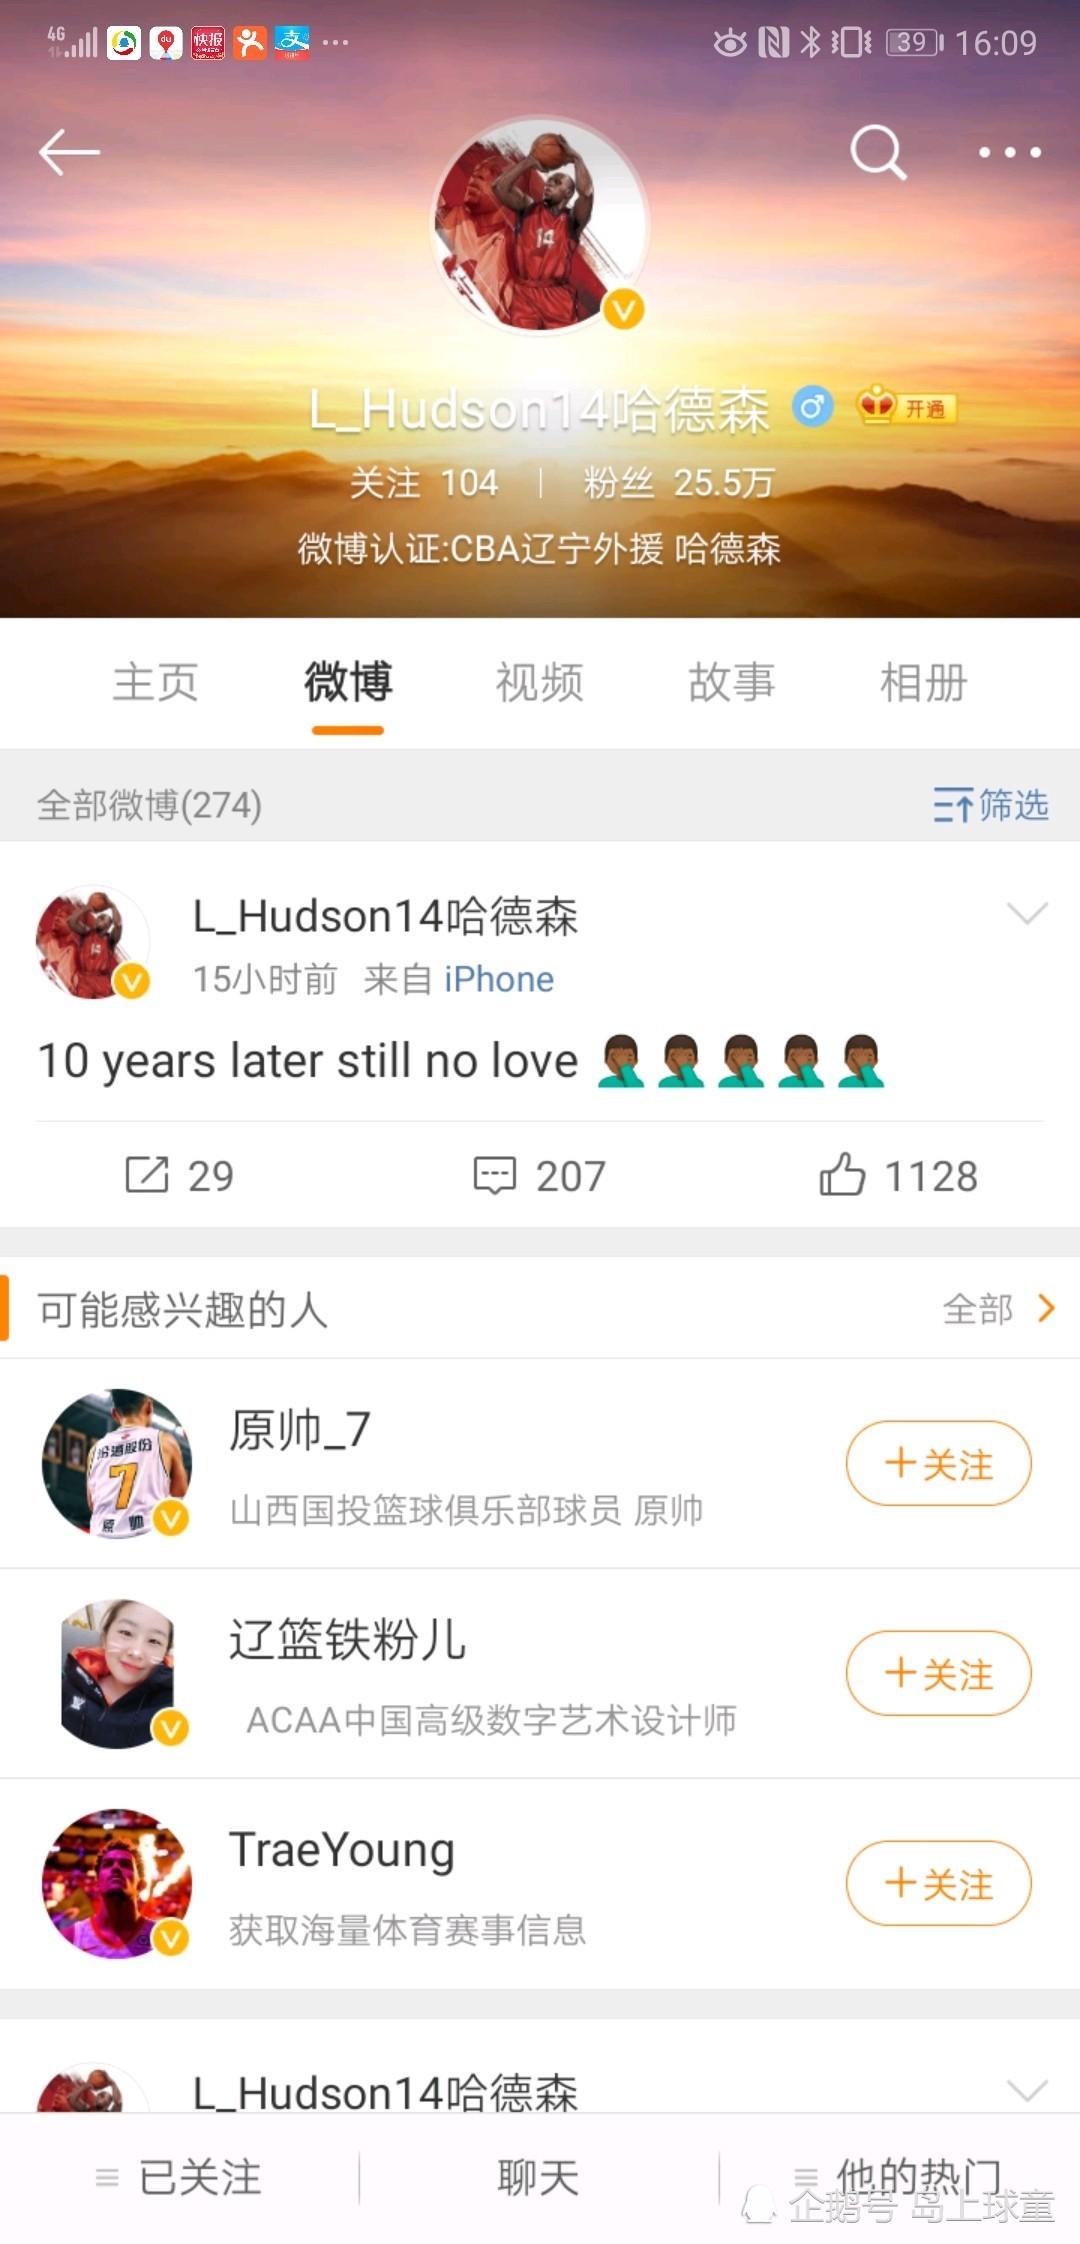 十年后仍然没有爱,哈德森的感慨,到底是什么萦绕在心怀?